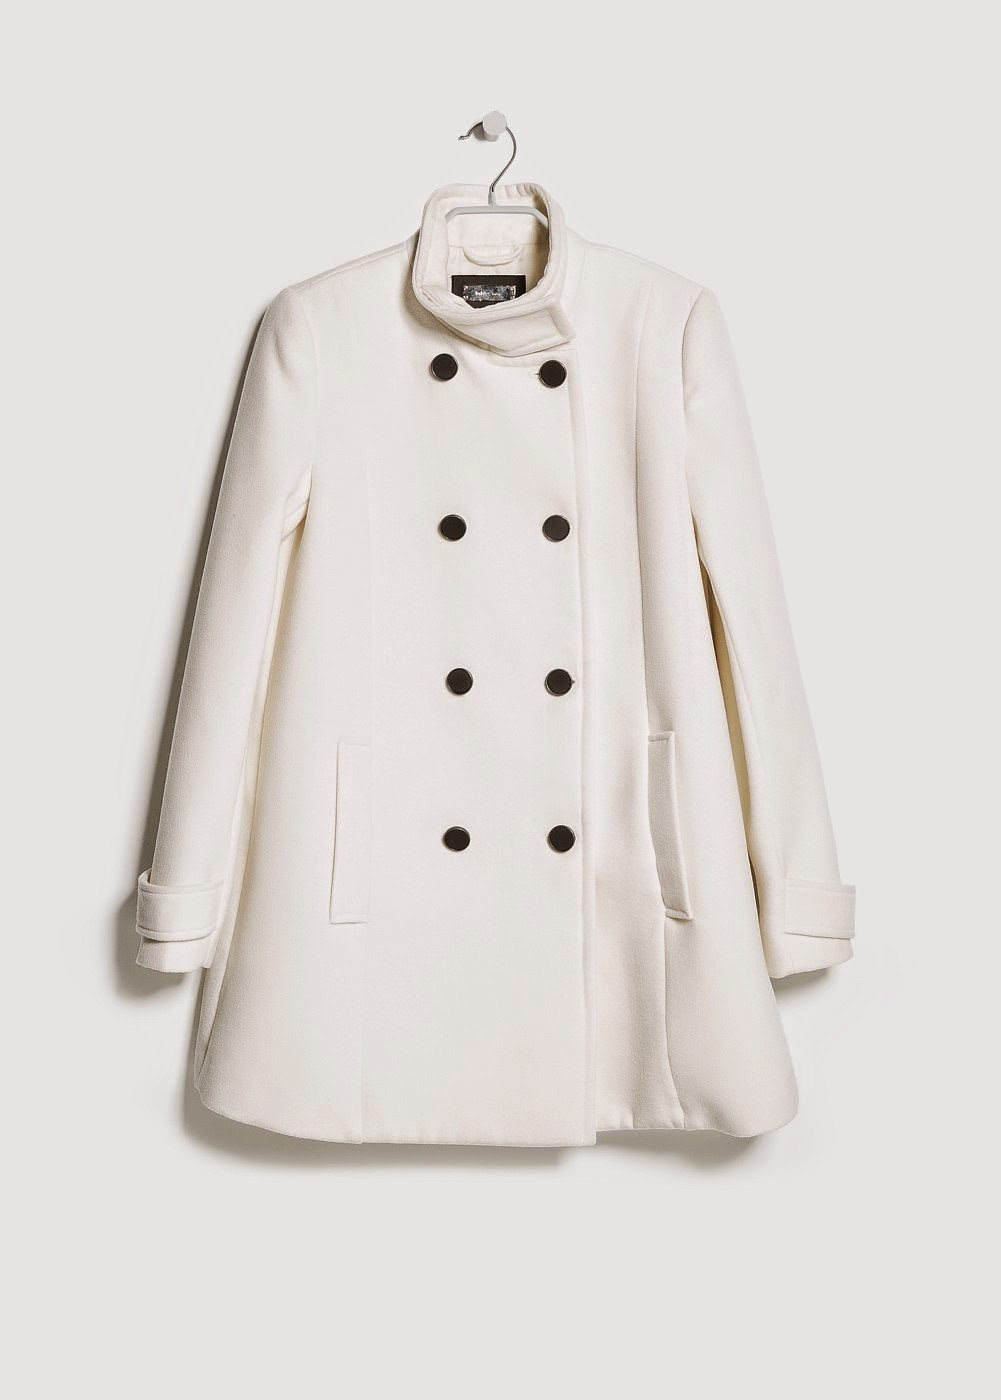 http://shop.mango.com/ES/p0/mujer/prendas/abrigos/abrigo-doble-botonadura/?id=33059005_10&n=1&s=prendas.abrigos&ident=0__0_1415202636306&ts=1415202636306